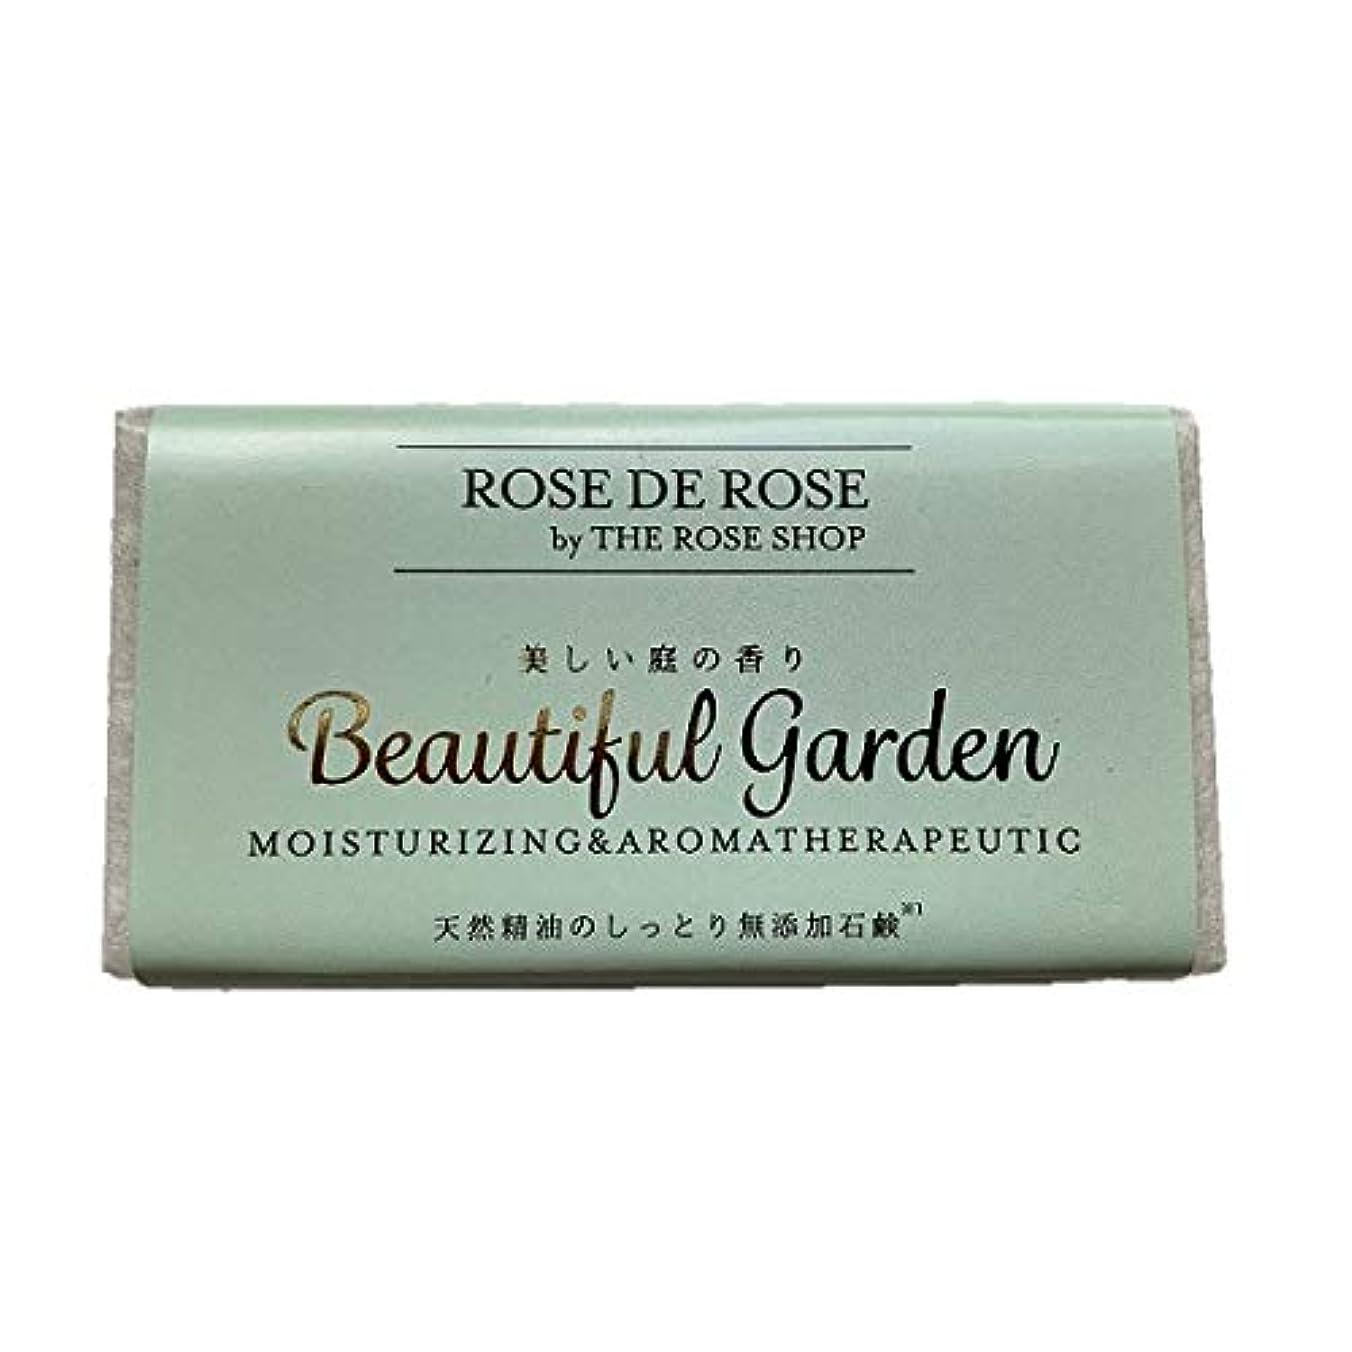 特許放射能ジョージバーナード天然精油の無添加石鹸 「美しい庭の香り ビューティフルガーデン」